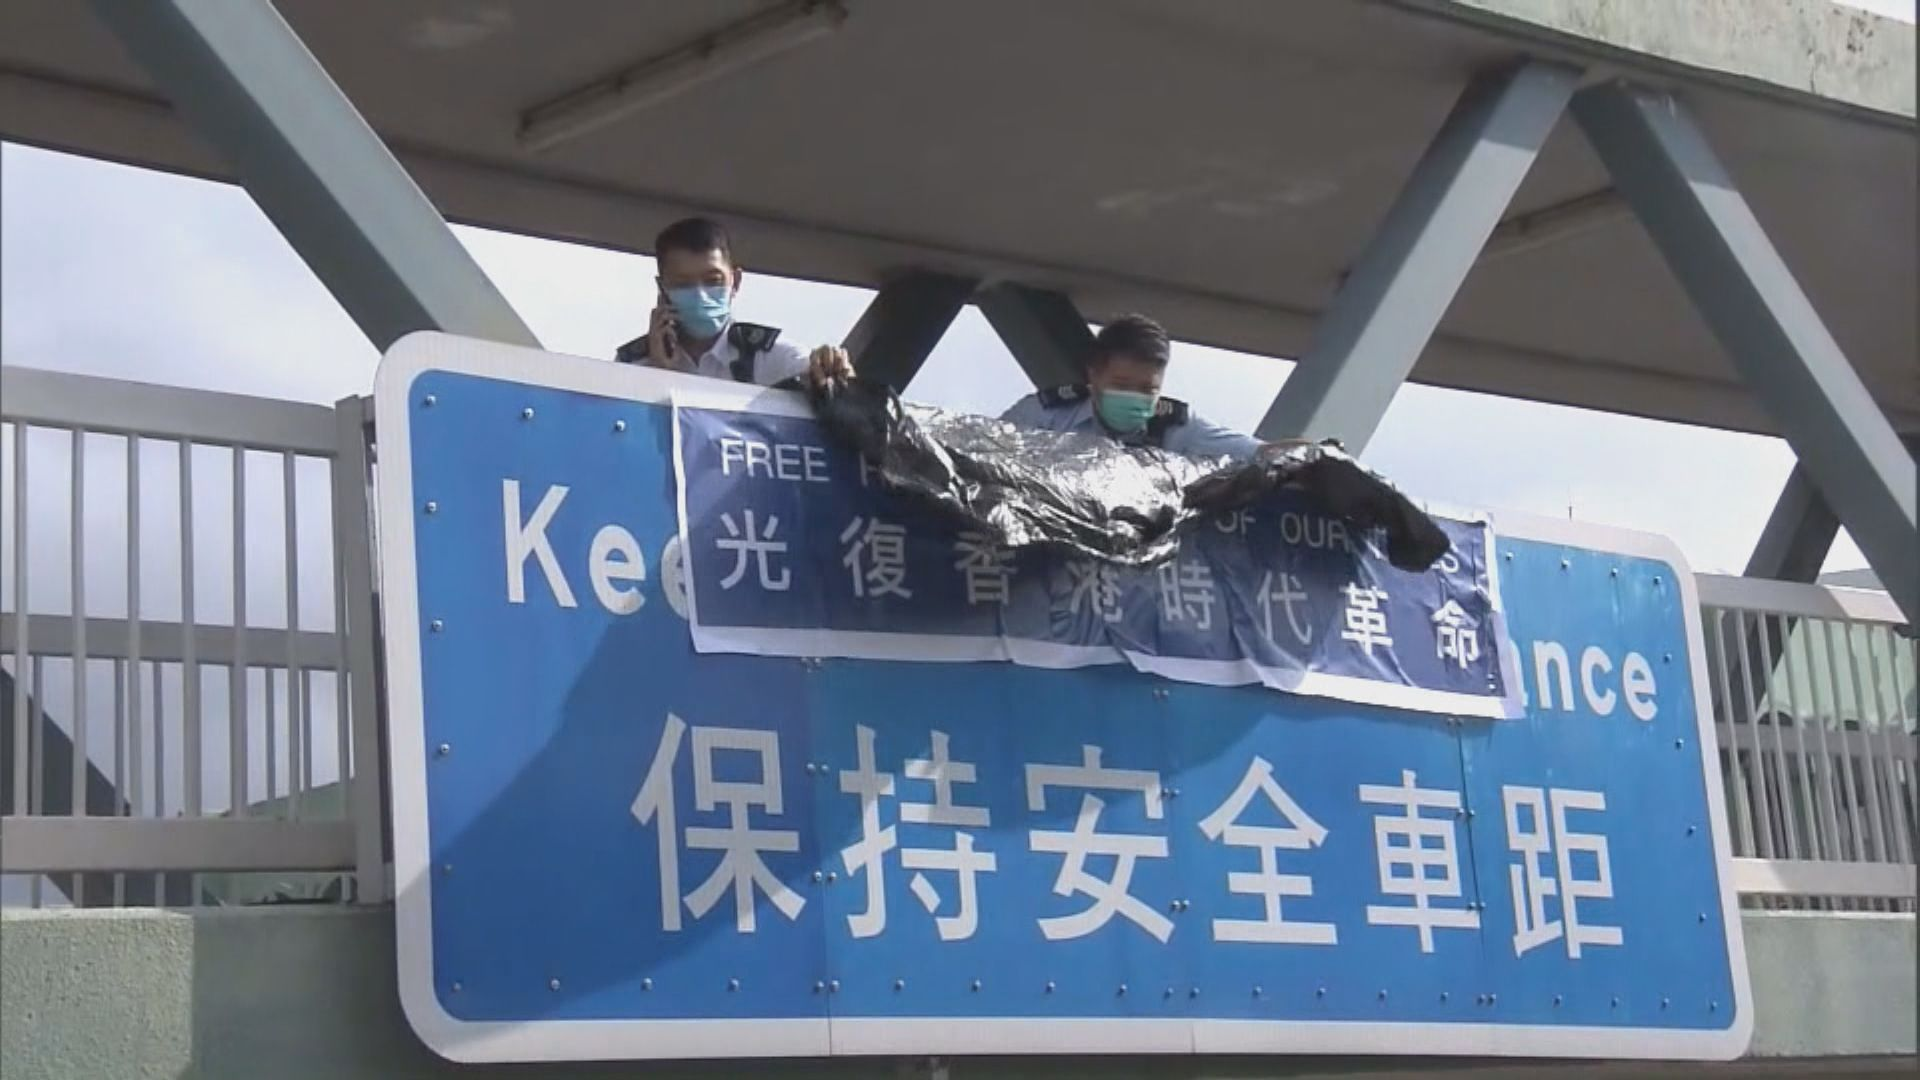 九龍塘行人天橋上掛示威標語 警到場覆蓋